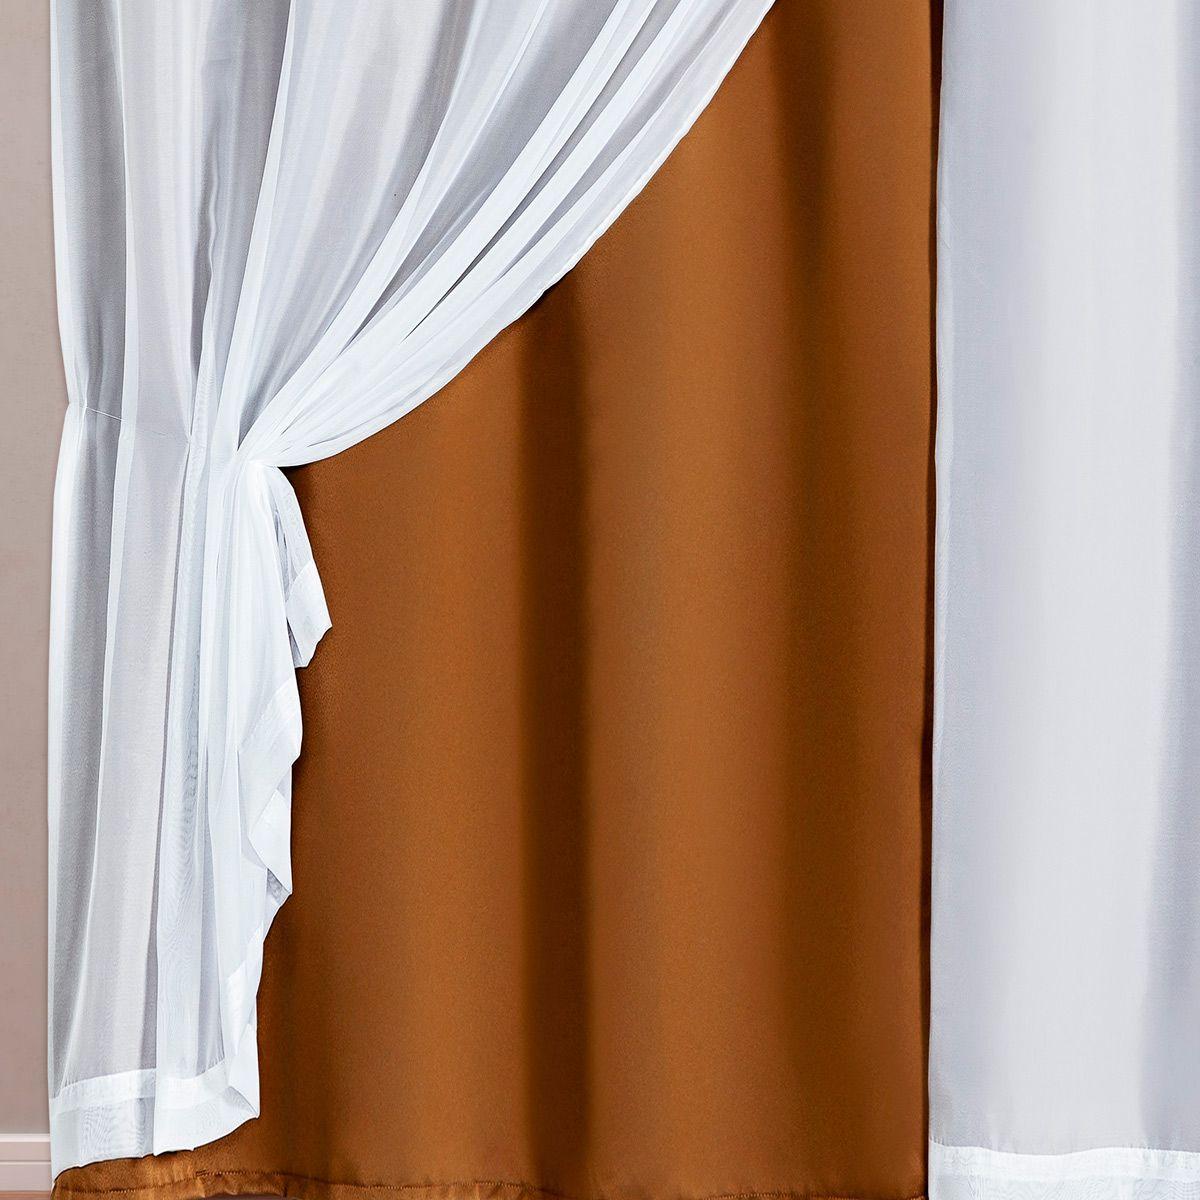 Cortina Blackout em Tecido Class c/ Voil Avelã/Branco Corta Luz 2,80m x 2,30m